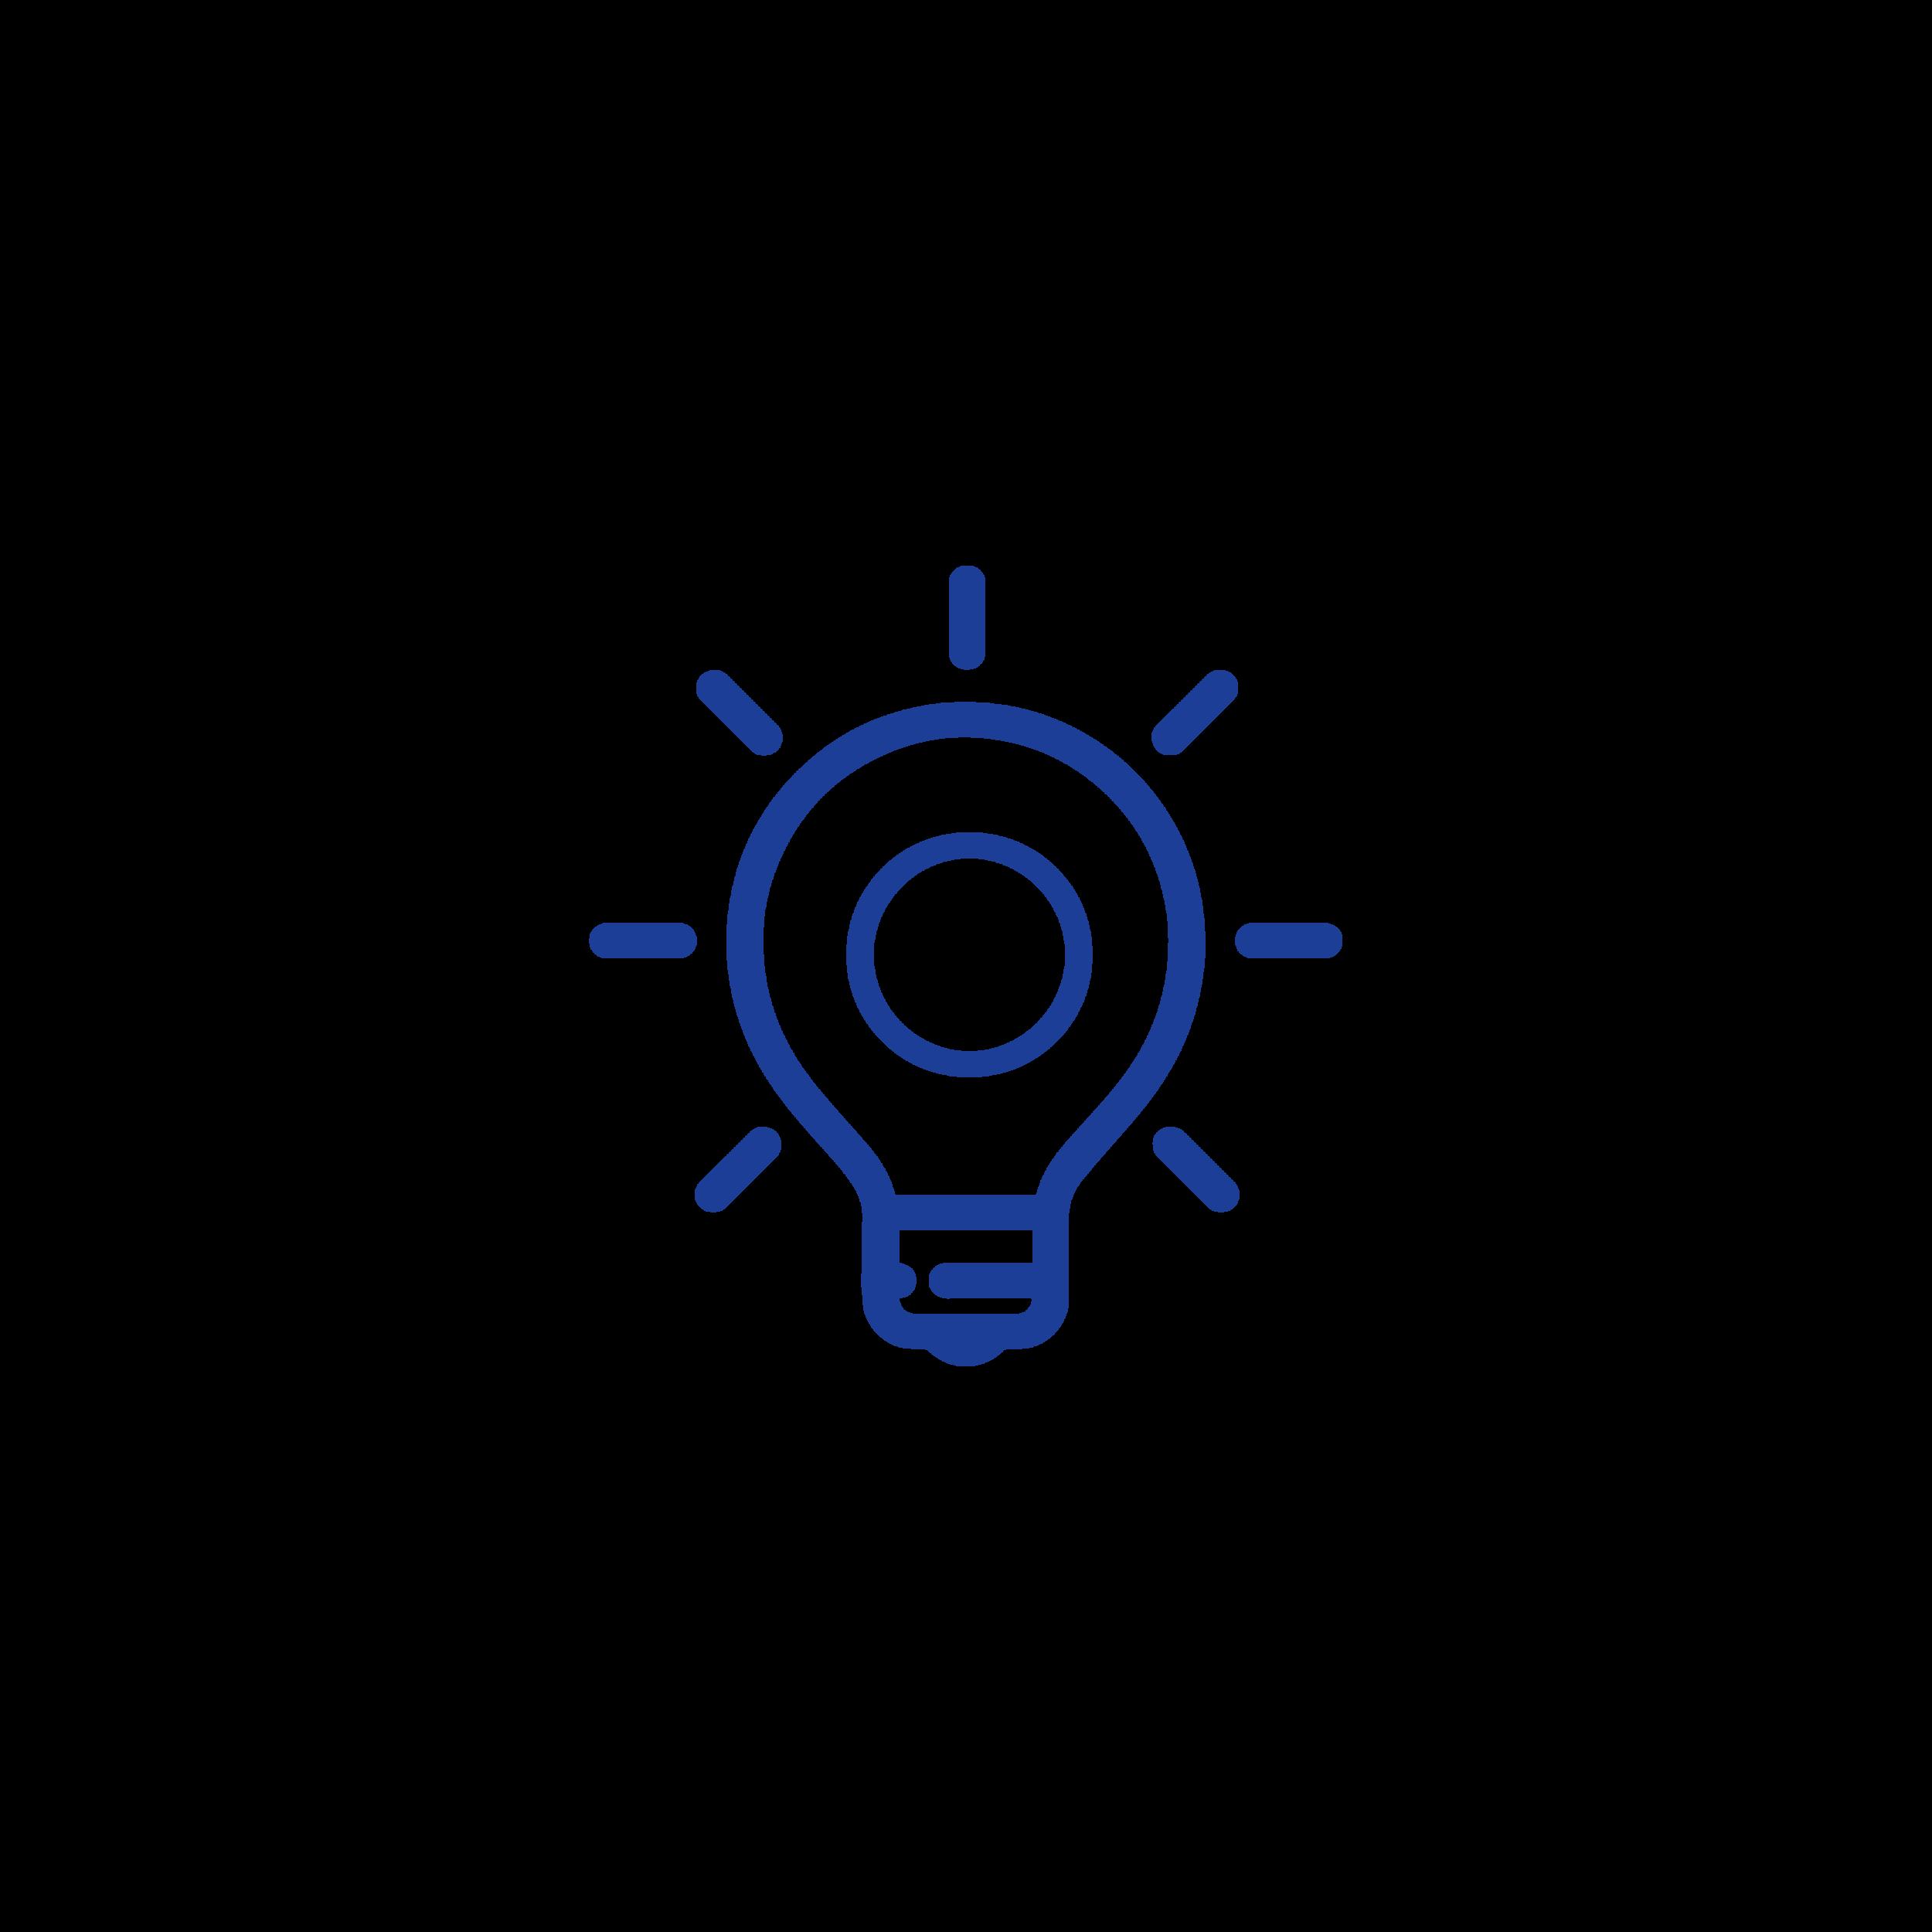 Lightbulb-01 (1).png